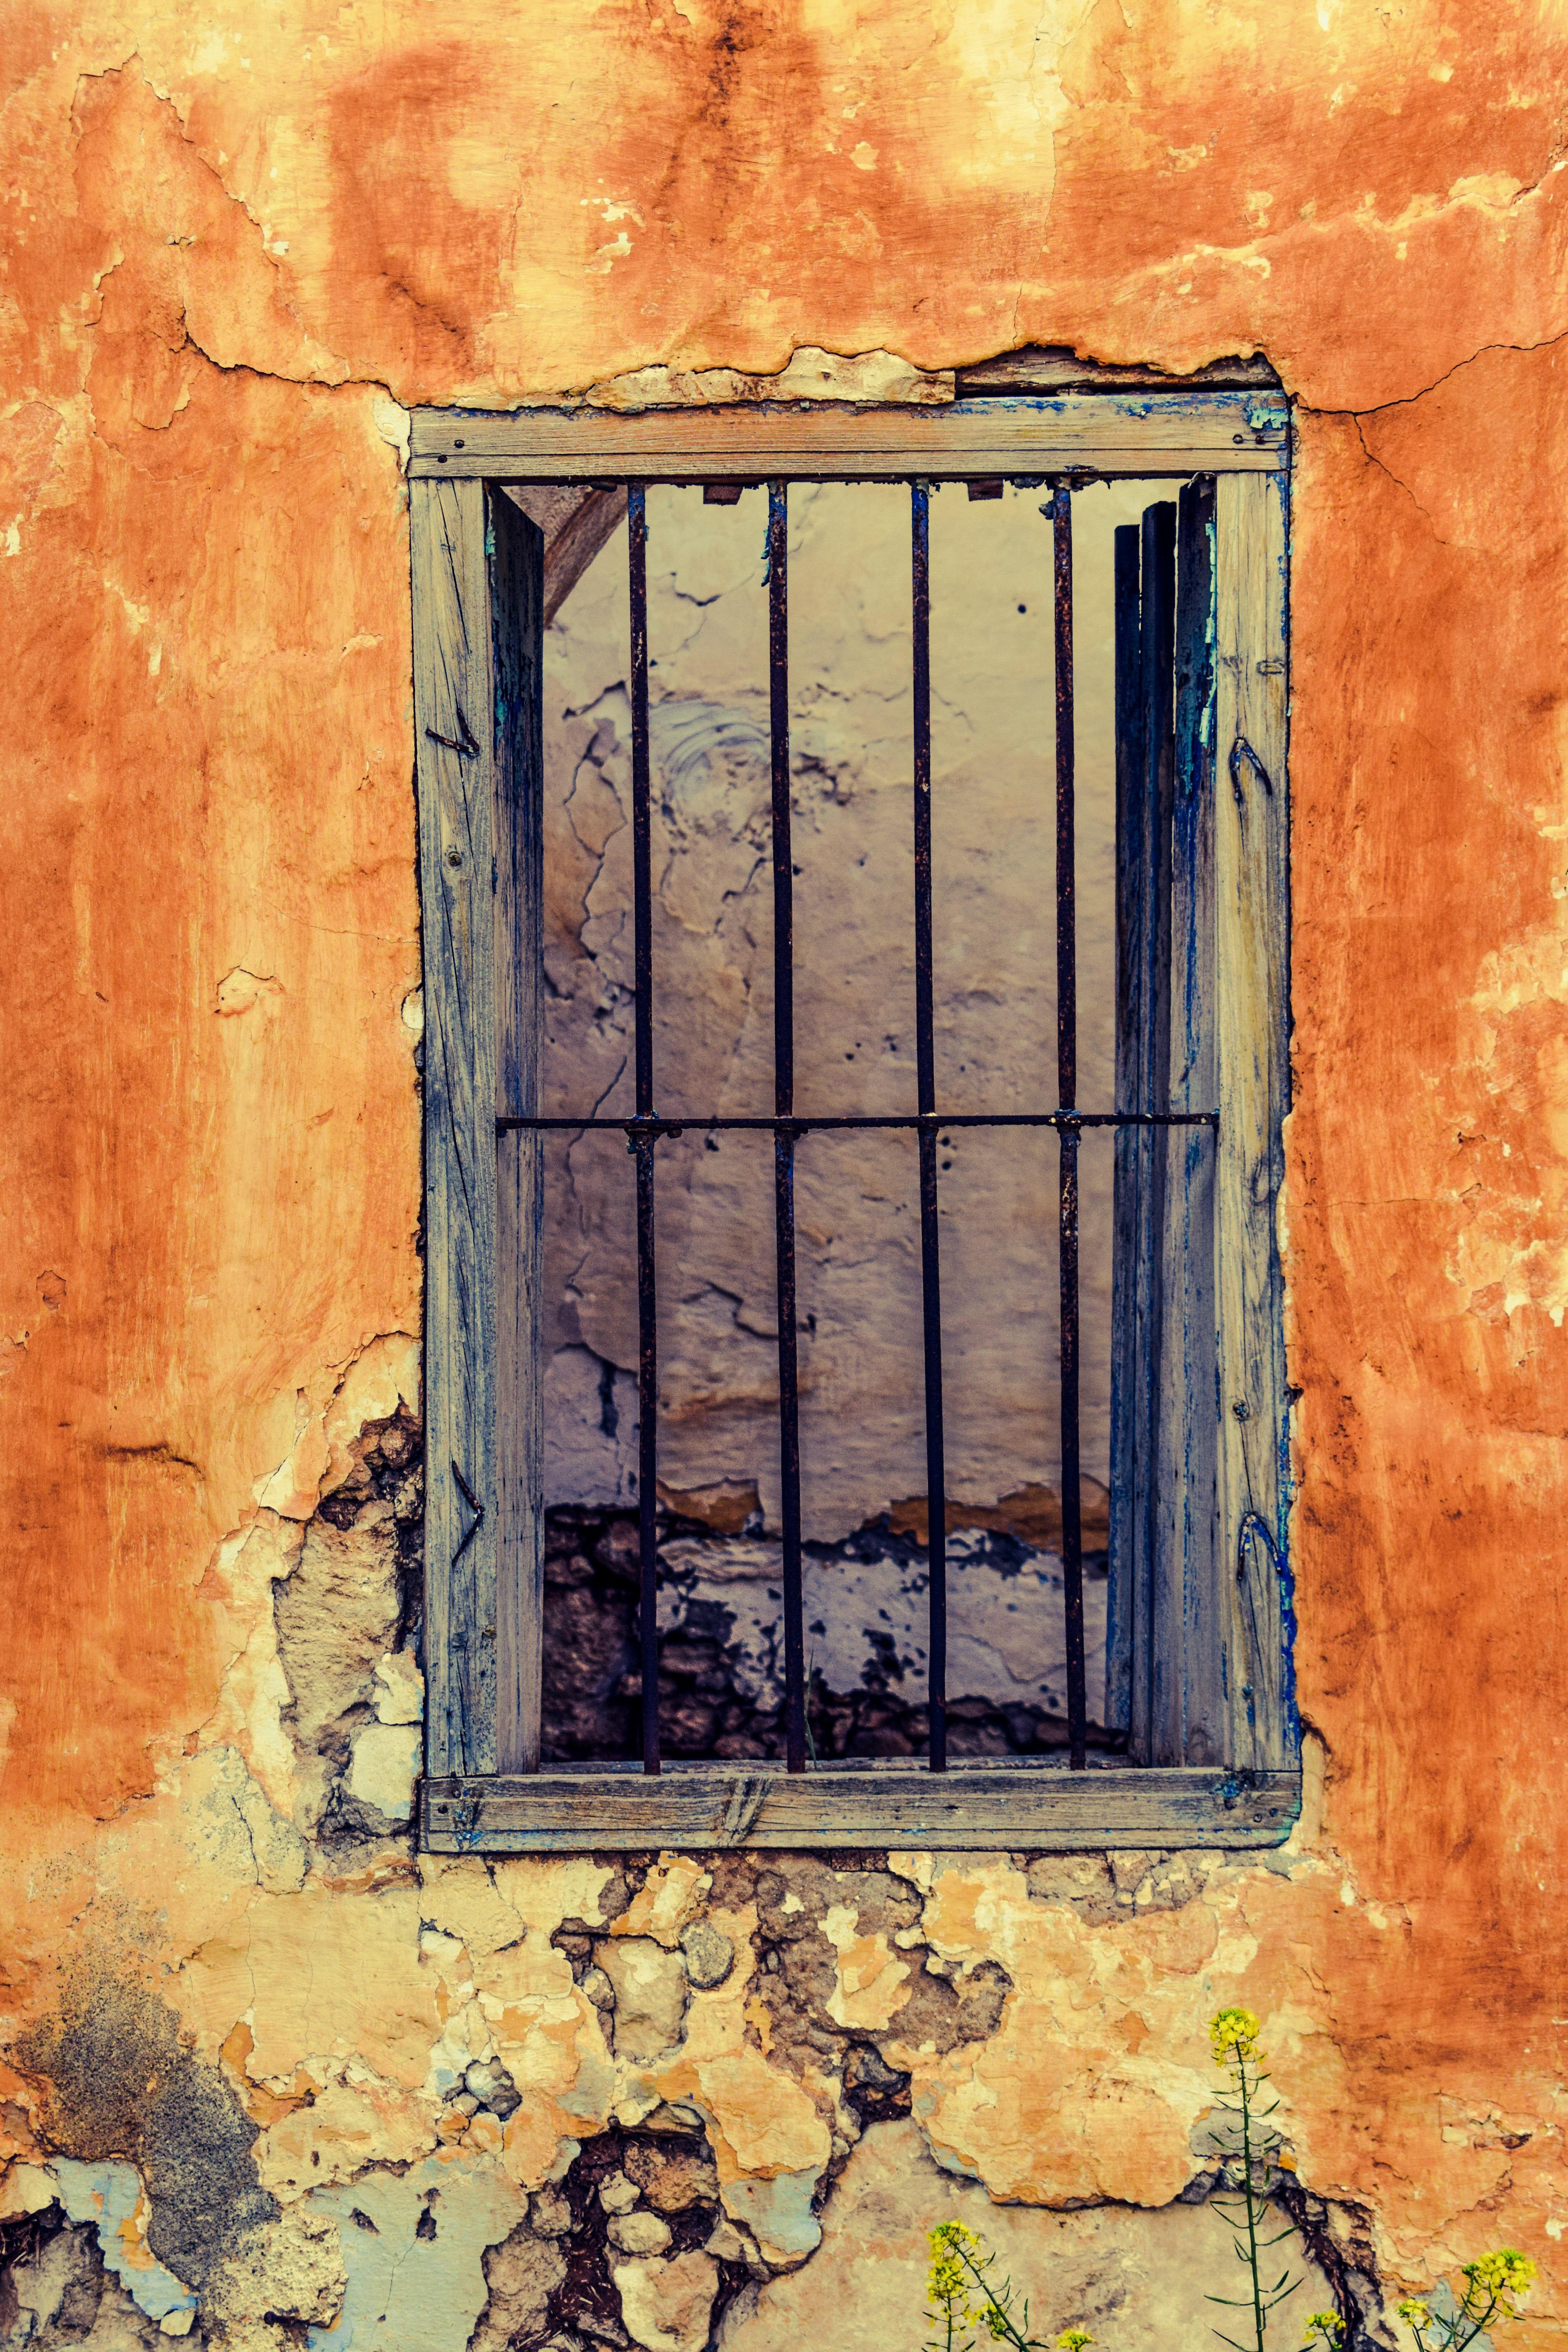 Ciel Texture Fenêtre Mur Fissure Peindre Façade Abandonné Pourriture Se  Ruiner Jaune Porte La Peinture Maison